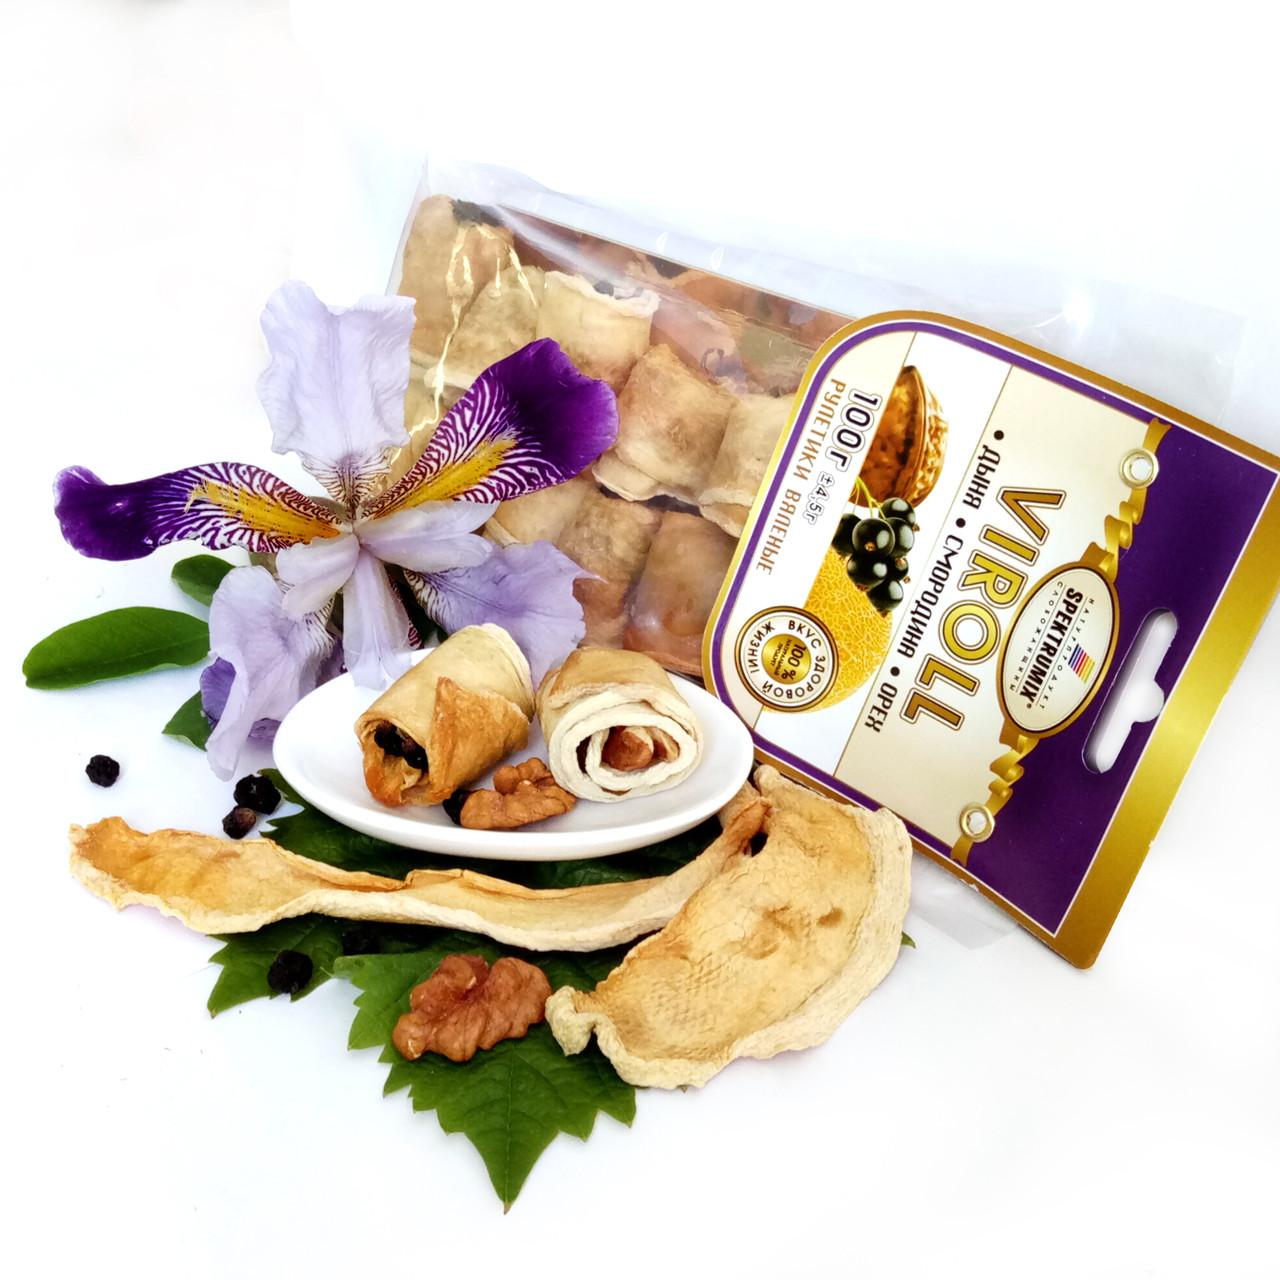 Конфеты из сухофруктов «Viroll» (дыня, смородина, орех), 100 г